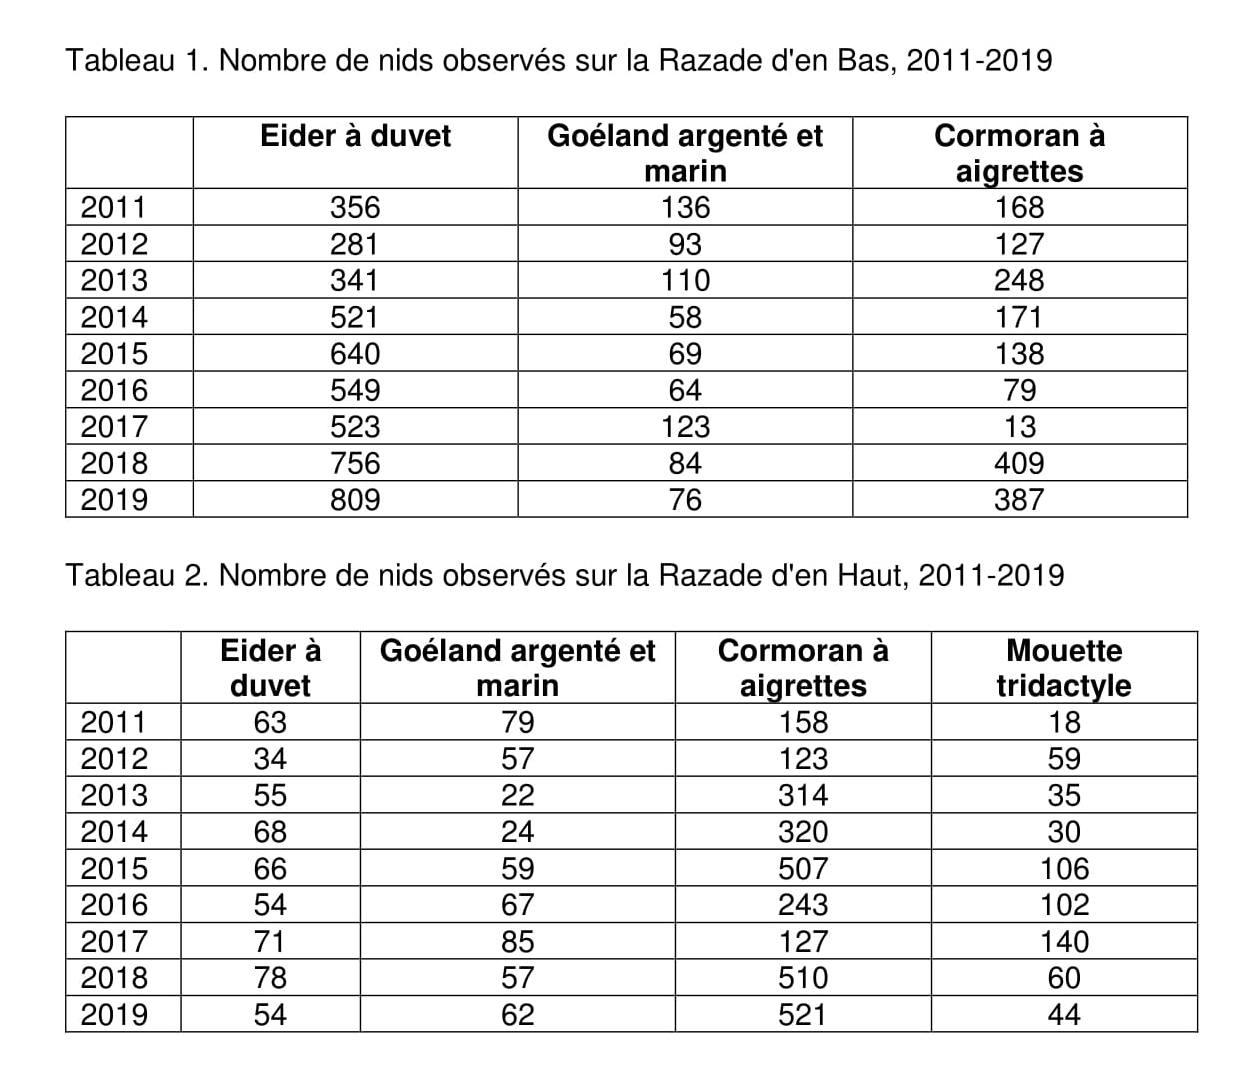 Nombre de nids observés sur les îles Razade entre 2011 et 2019. Source : Jean-François Giroux, Société Duvetnor